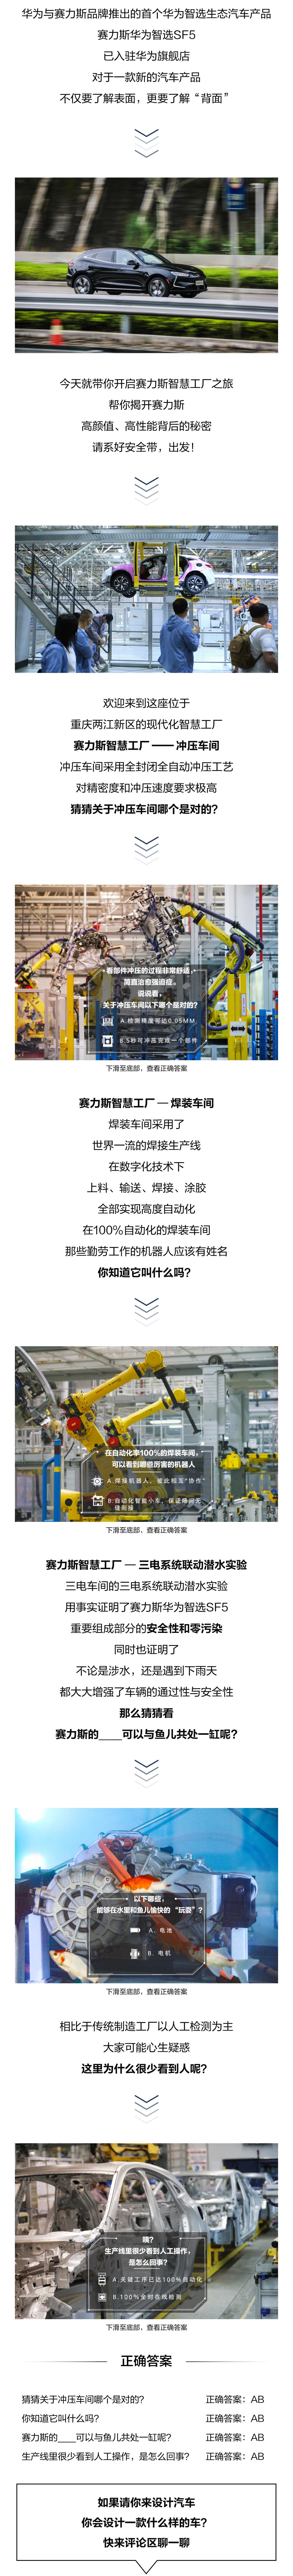 车工厂揭秘.jpg